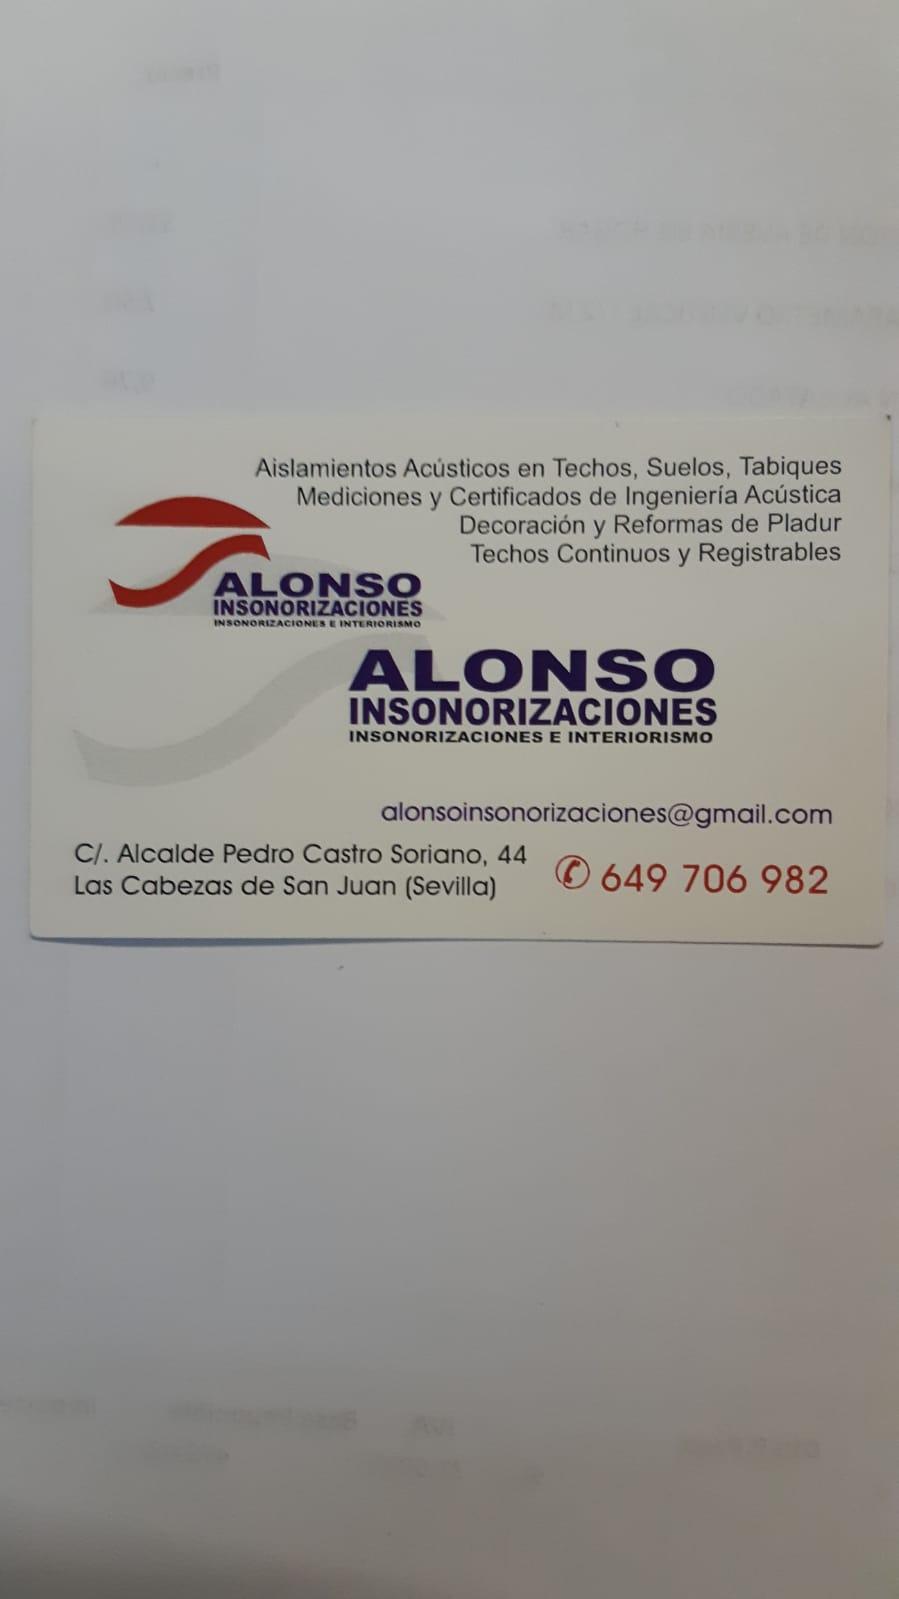 Alonso Insonorizaciones